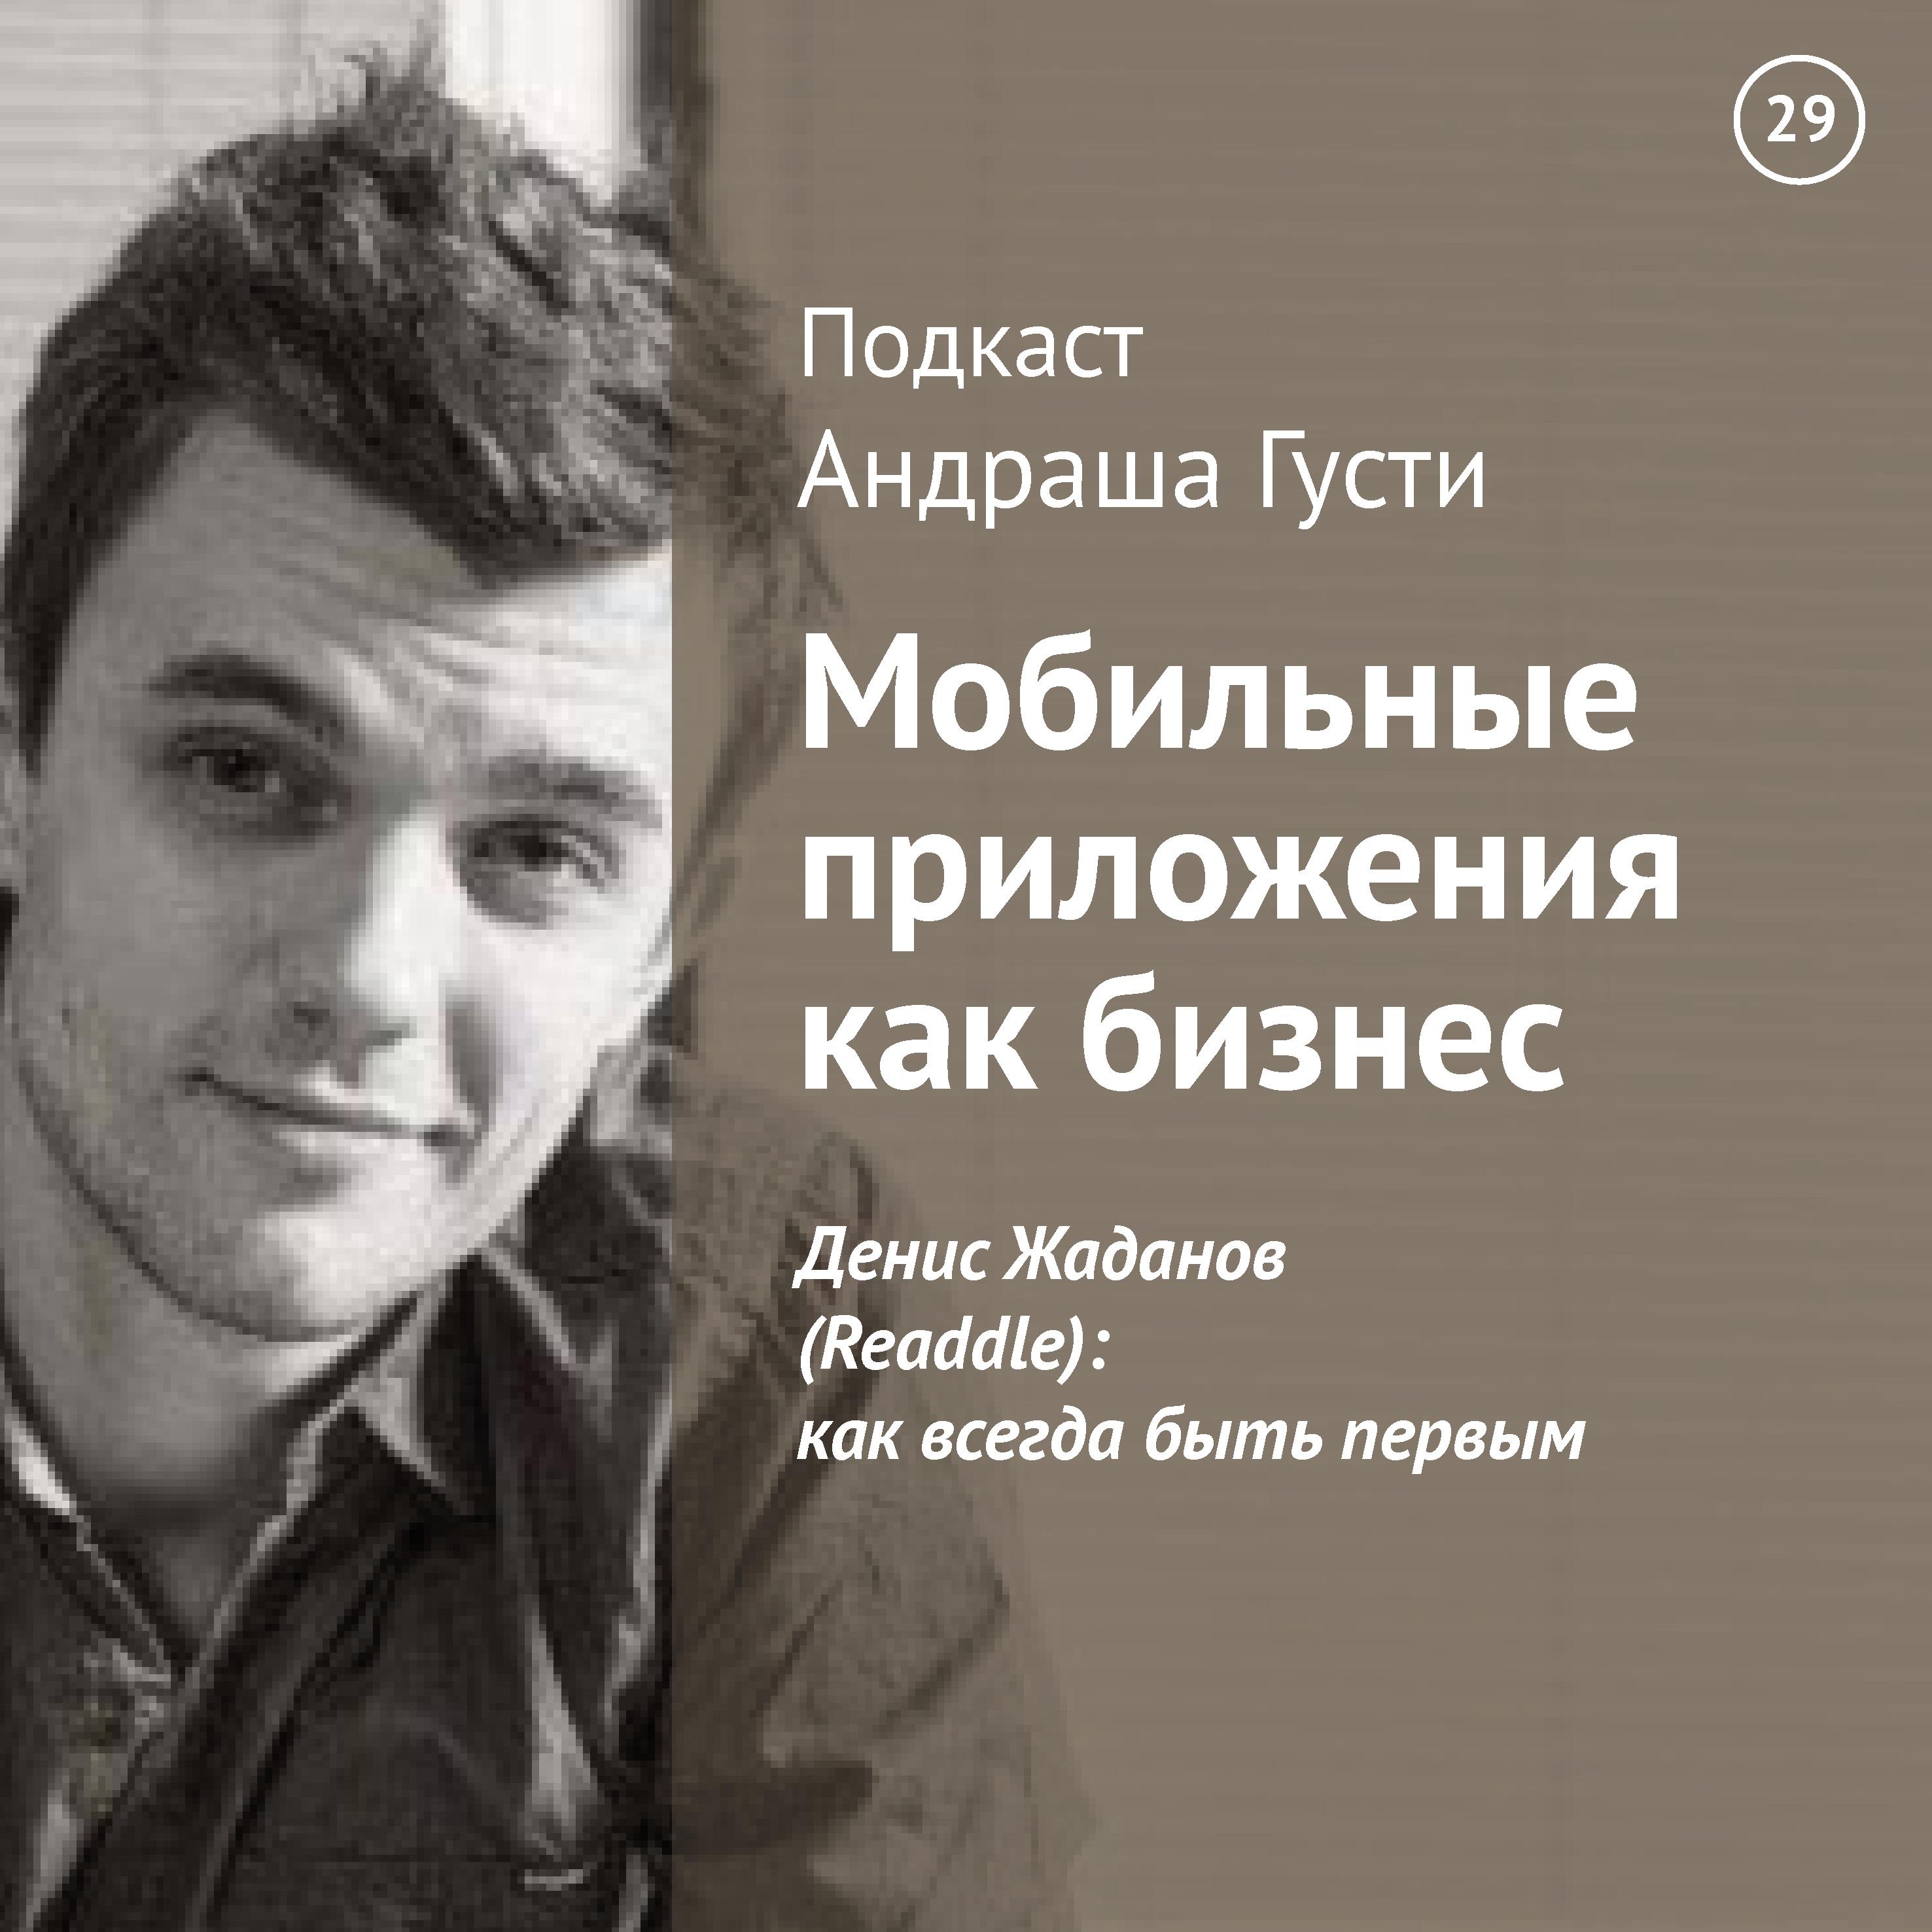 Андраш Густи Денис Жаданов (Readdle): как всегда быть первым